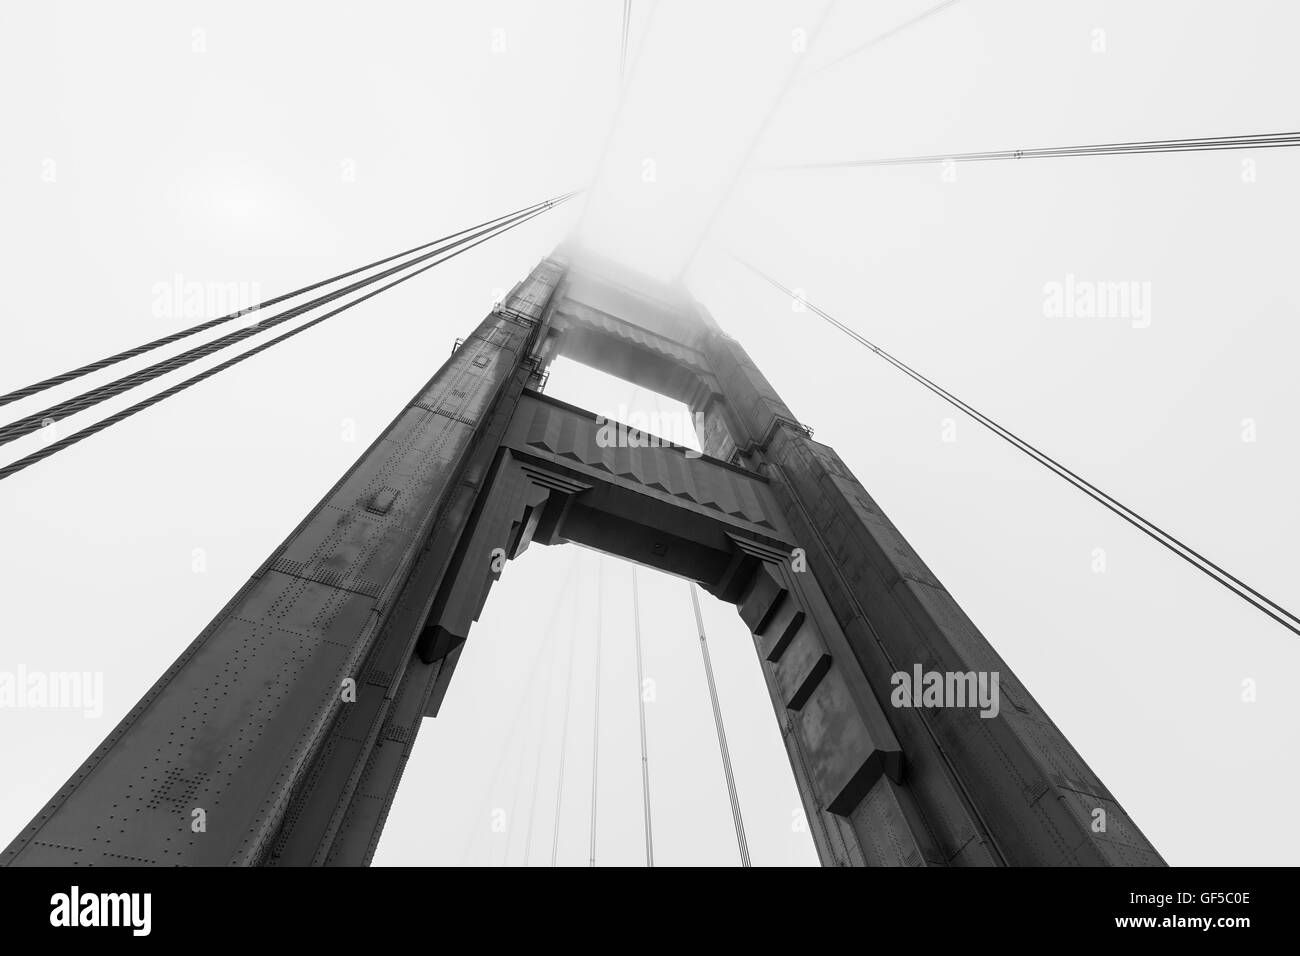 Puente Golden Gate Tower saliendo de la bahía de San Francisco icónico banco de niebla en blanco y negro. Imagen De Stock